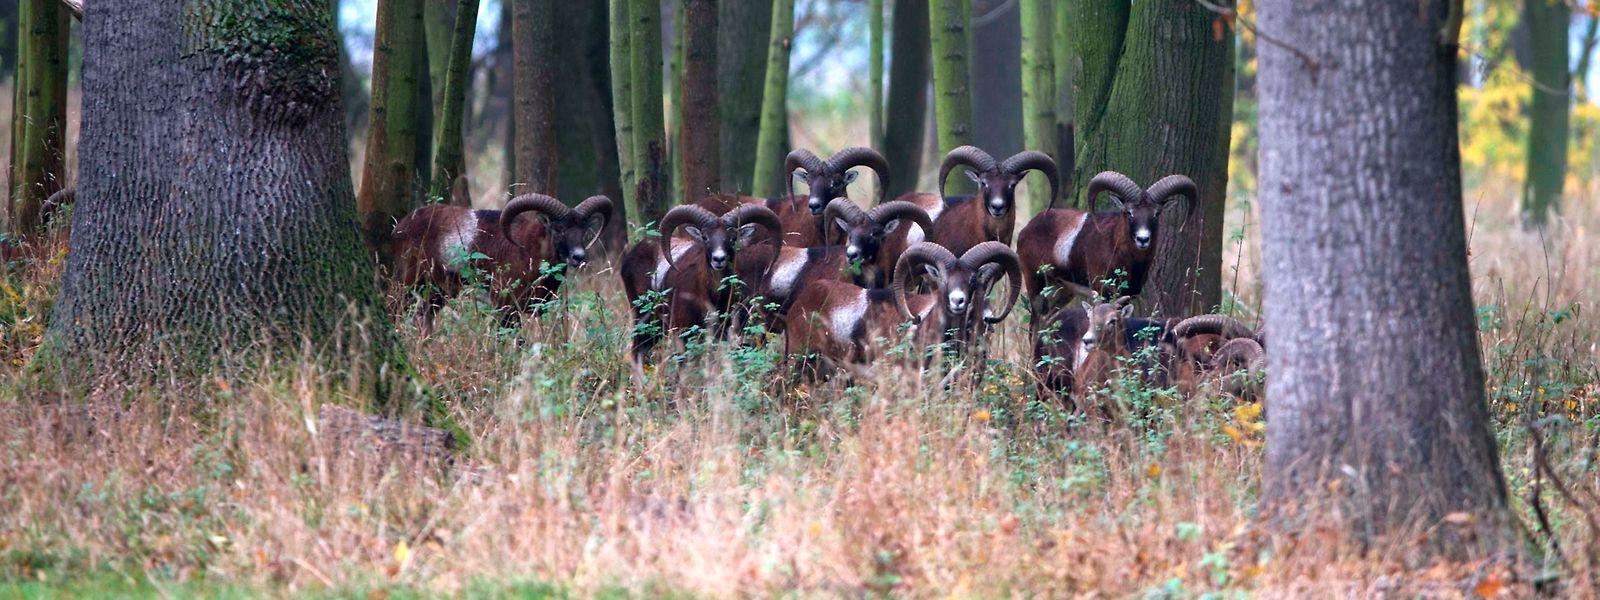 In der Natura-2000-Zone vermehren sich die Mufflons ungestört weiter.